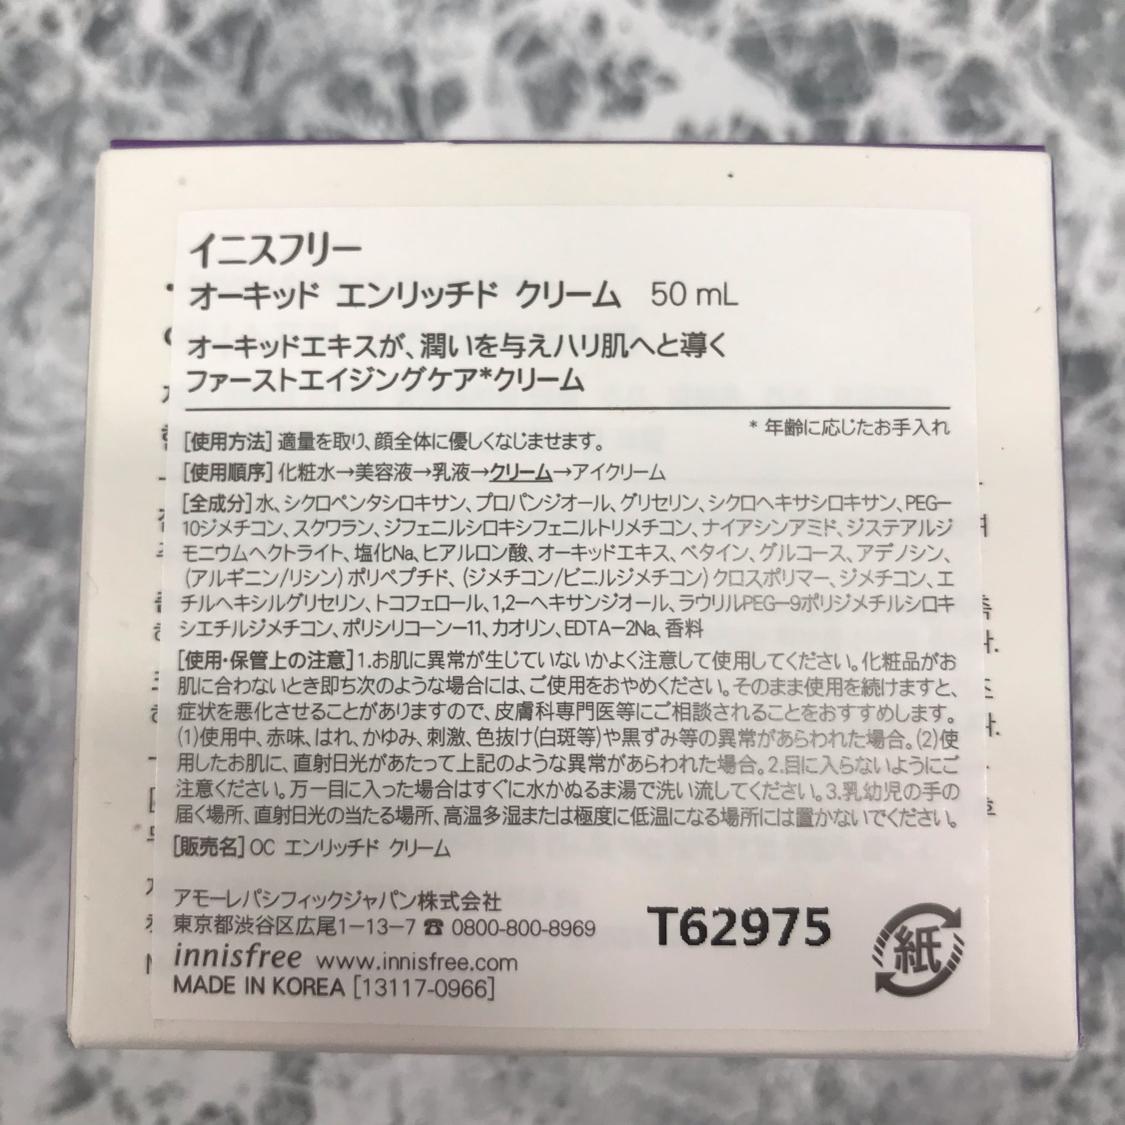 イニスフリー イニスフリー日本公式オーキッド エンリッチド クリーム50ml(フェイスクリーム・スキンケアクリーム)を使ったクチコミ(2枚目)